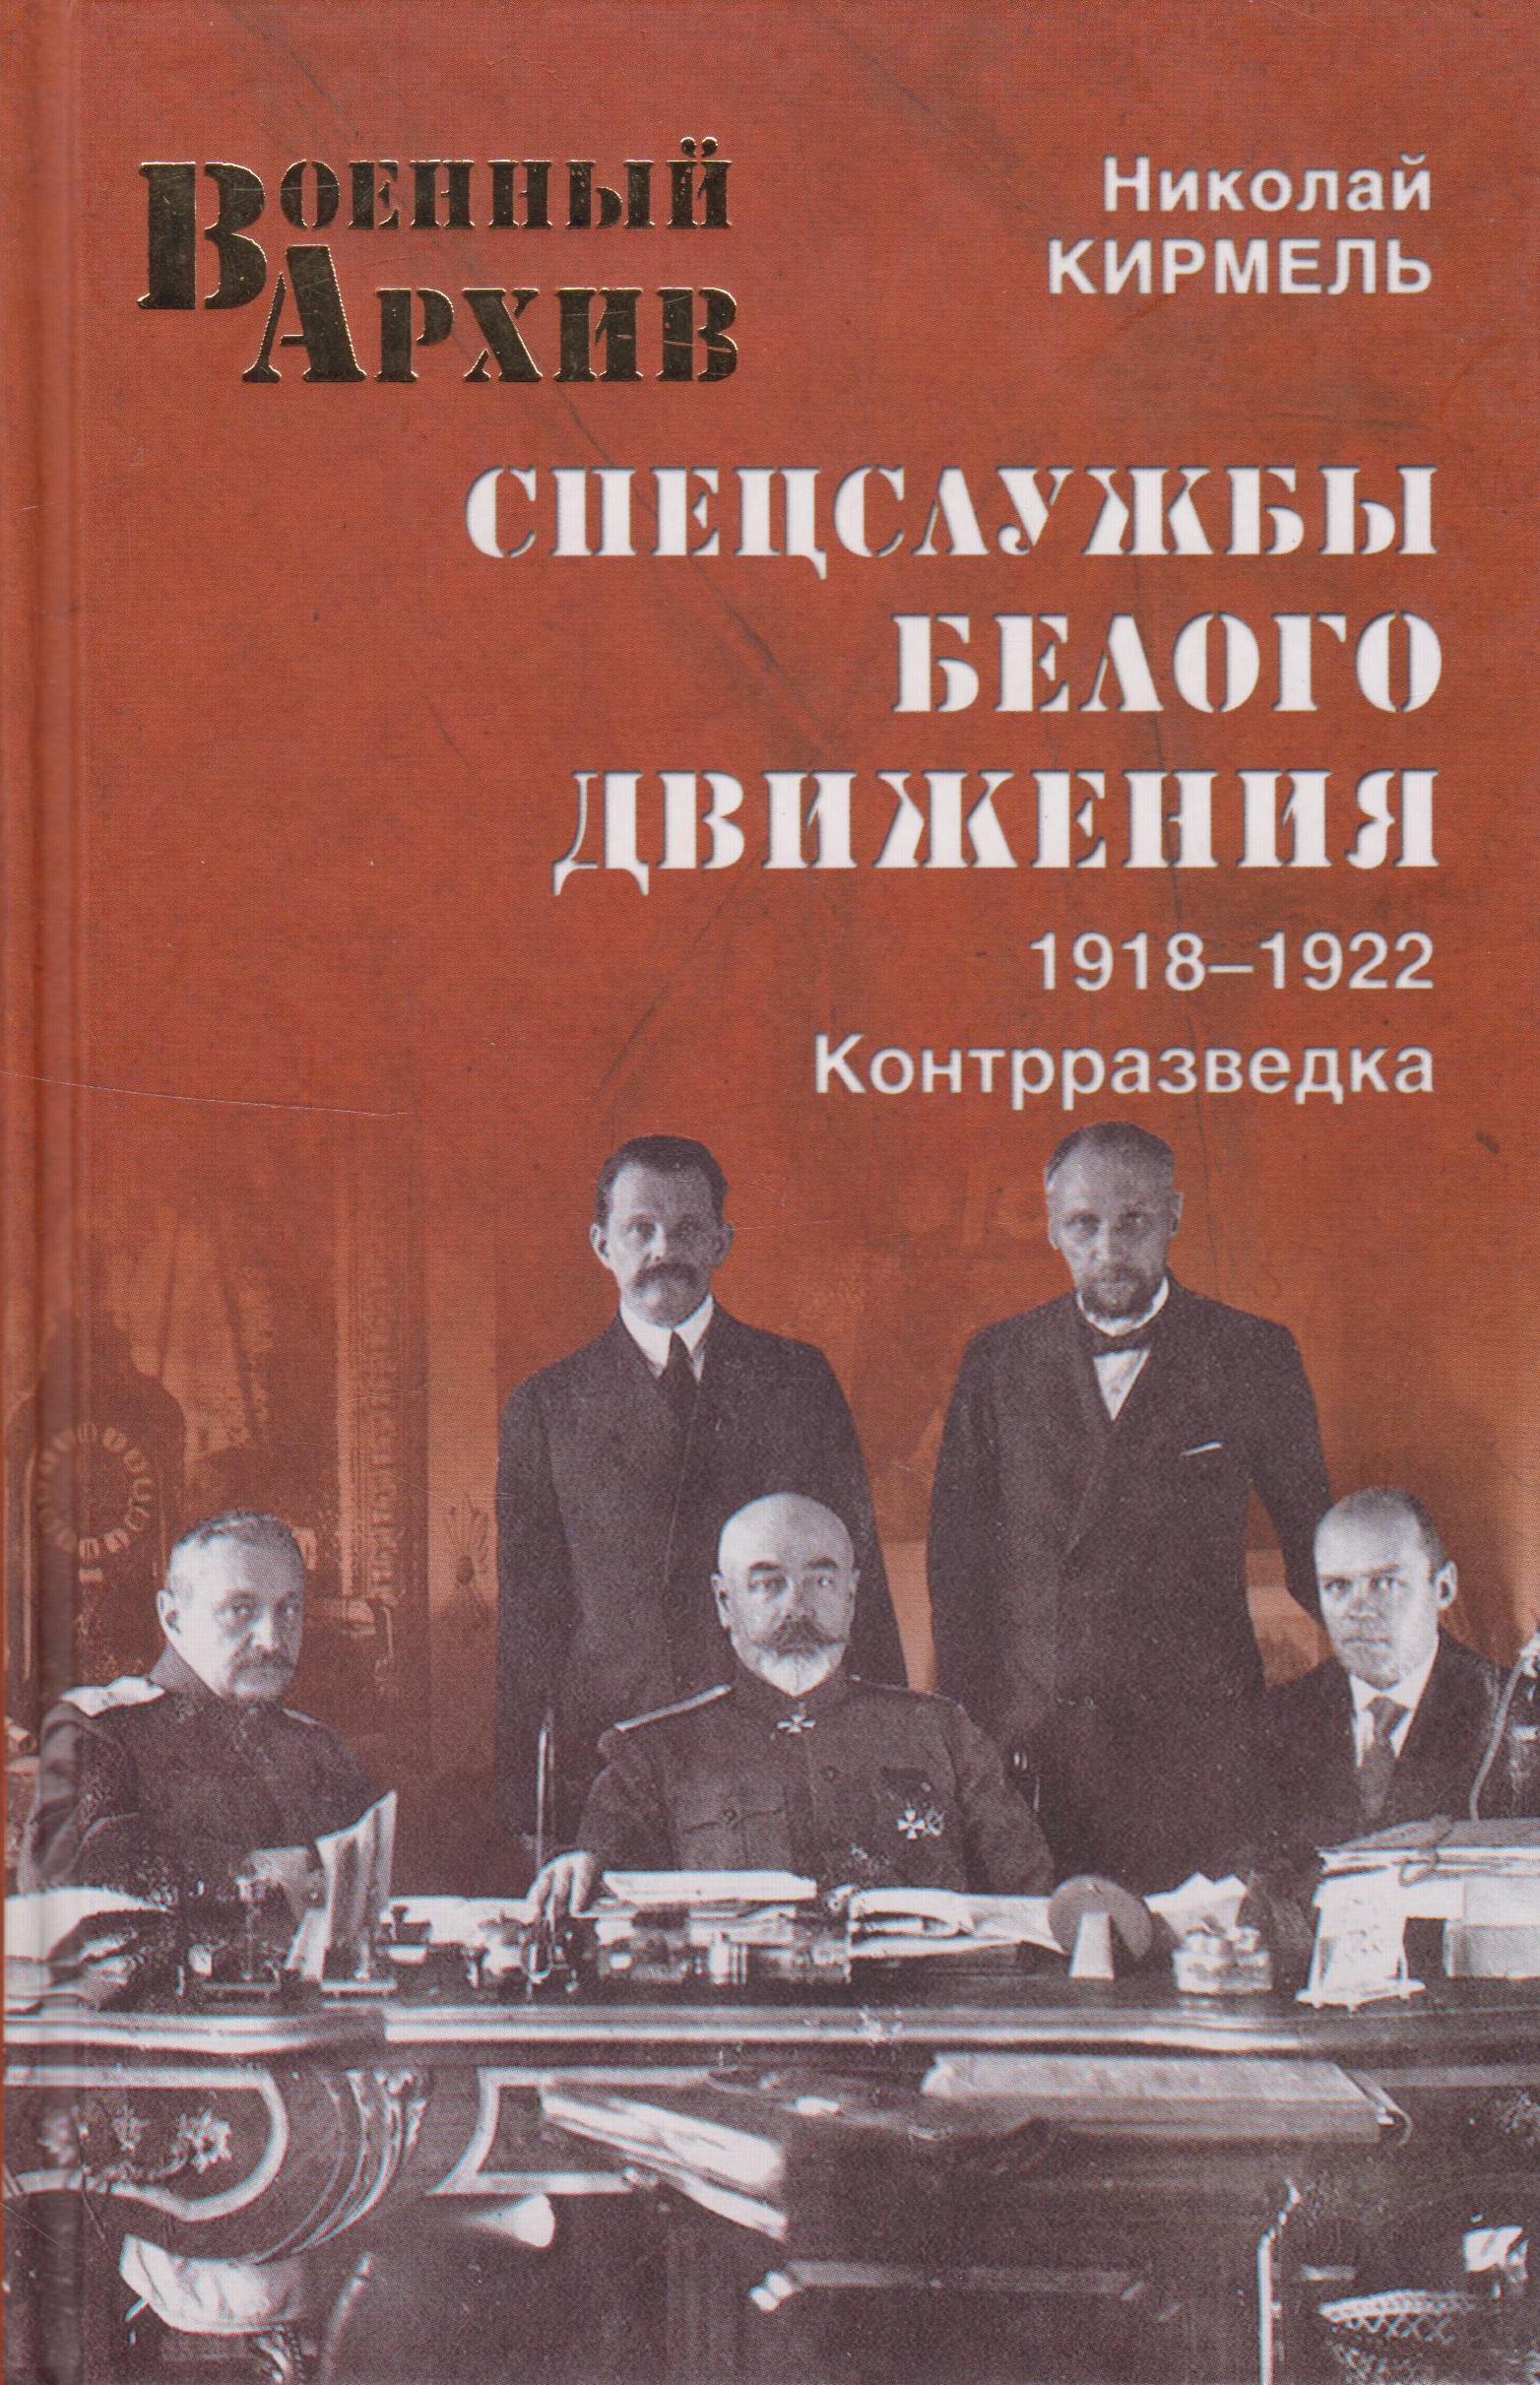 Кирмель Николай Сергеевич Спецслужбы Белого движения. 1918-1922. Контрразведка